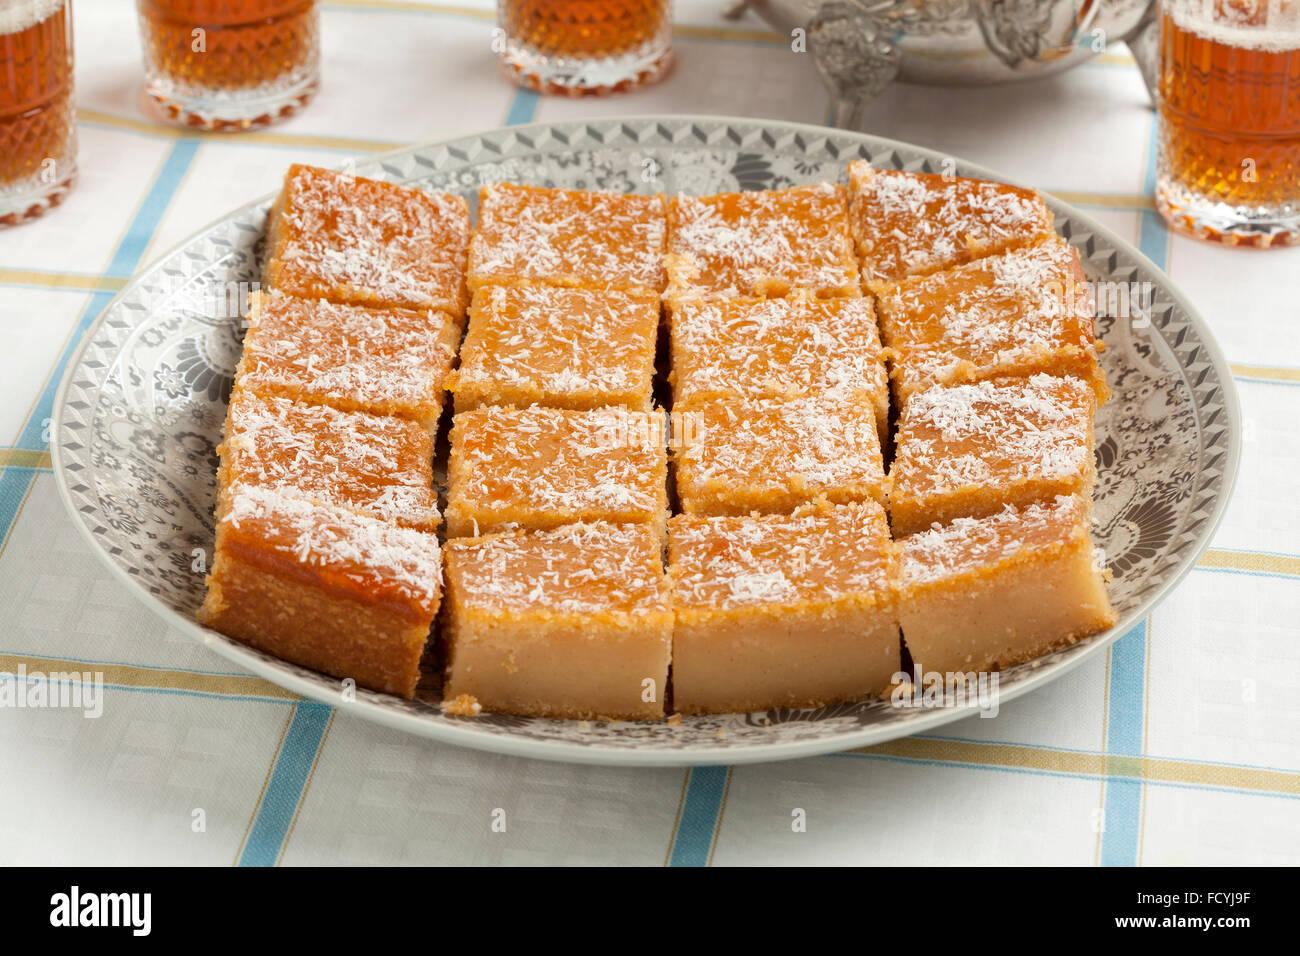 Gâteau yaourt marocaine frais cuit coupé en morceaux et un plateau pour les visiteurs Photo Stock